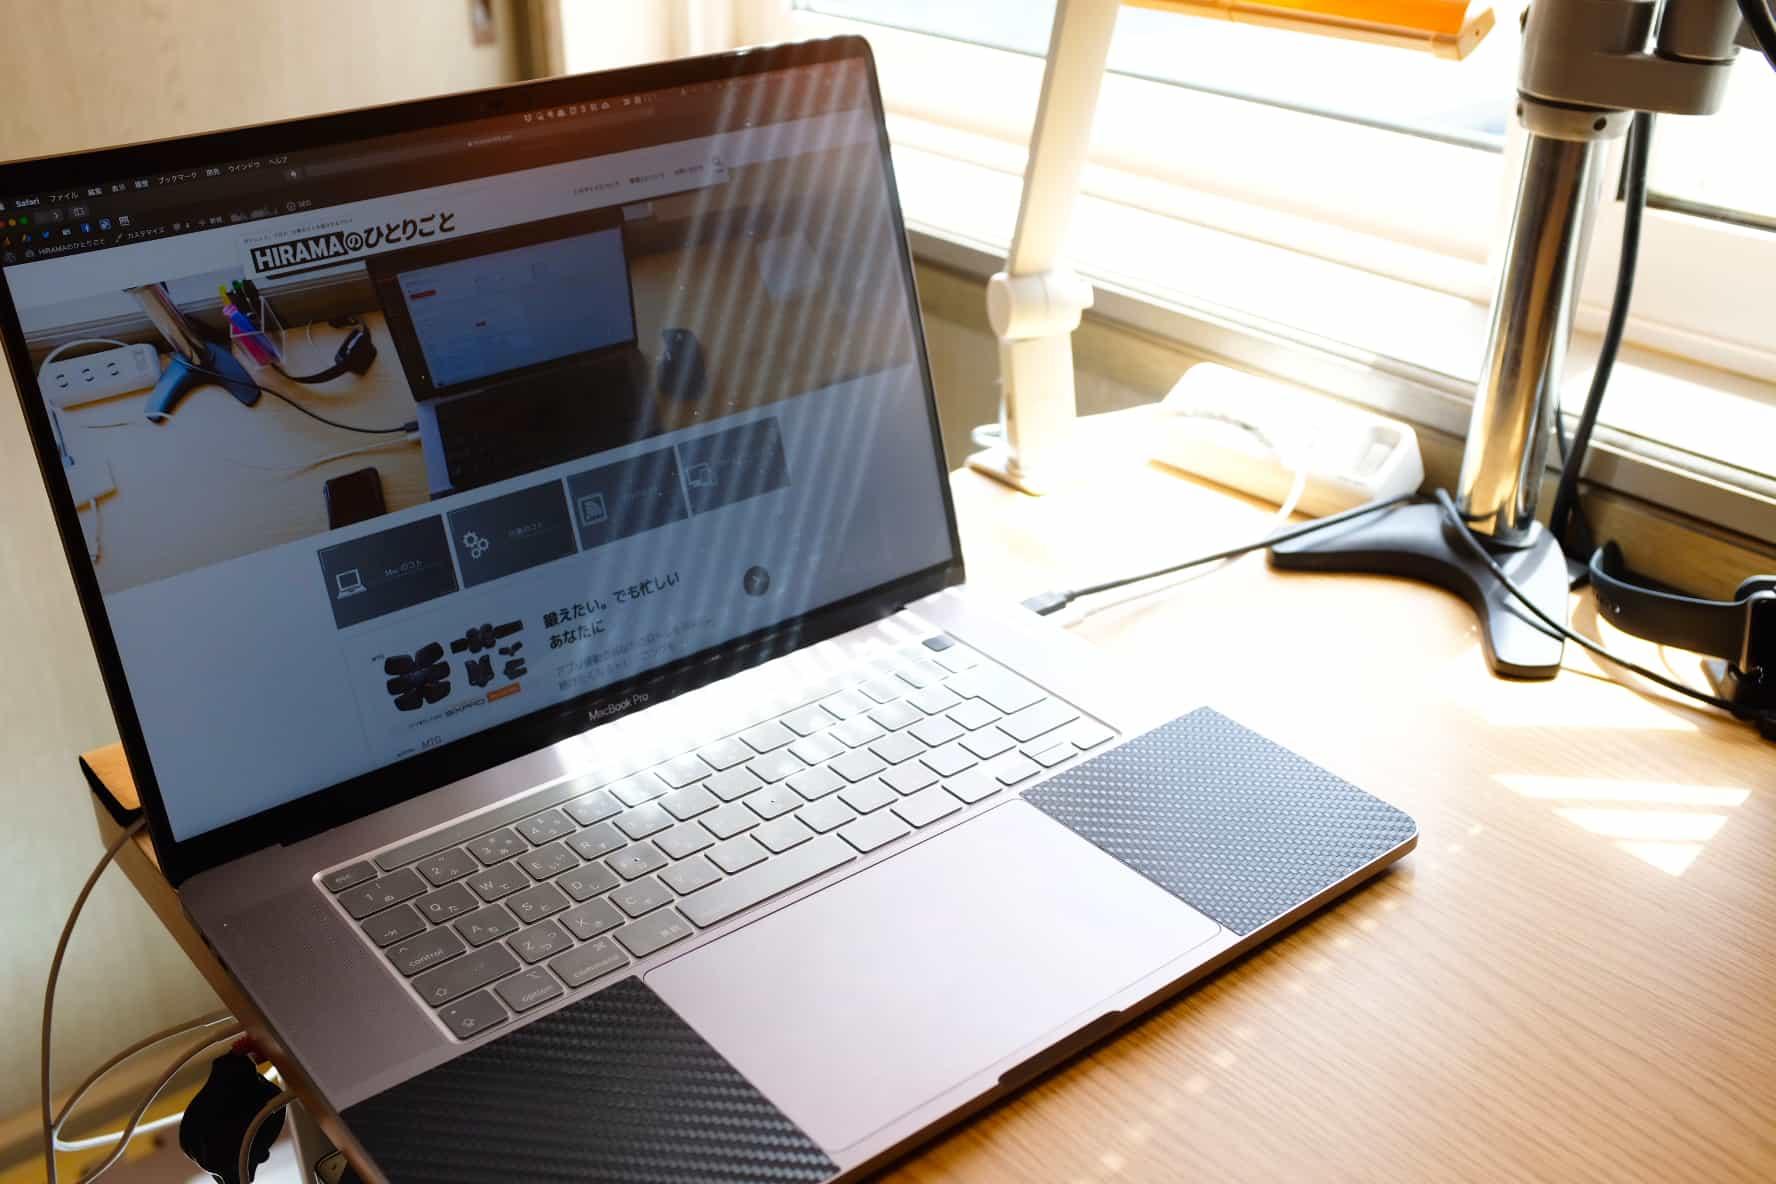 寝てるとき以外は稼働している!?16インチ MacBook Proとの1日